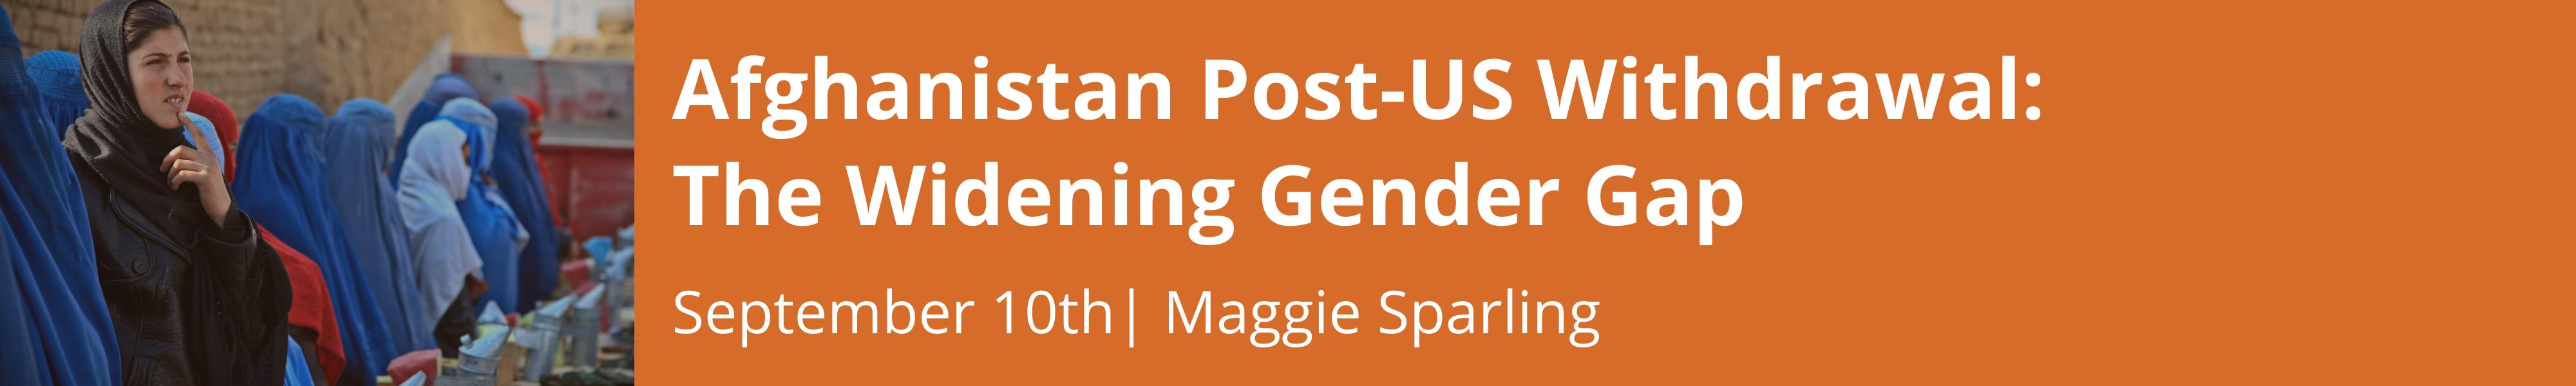 Afghanistan Post-US Withdrawal: The Widening Gender Gap